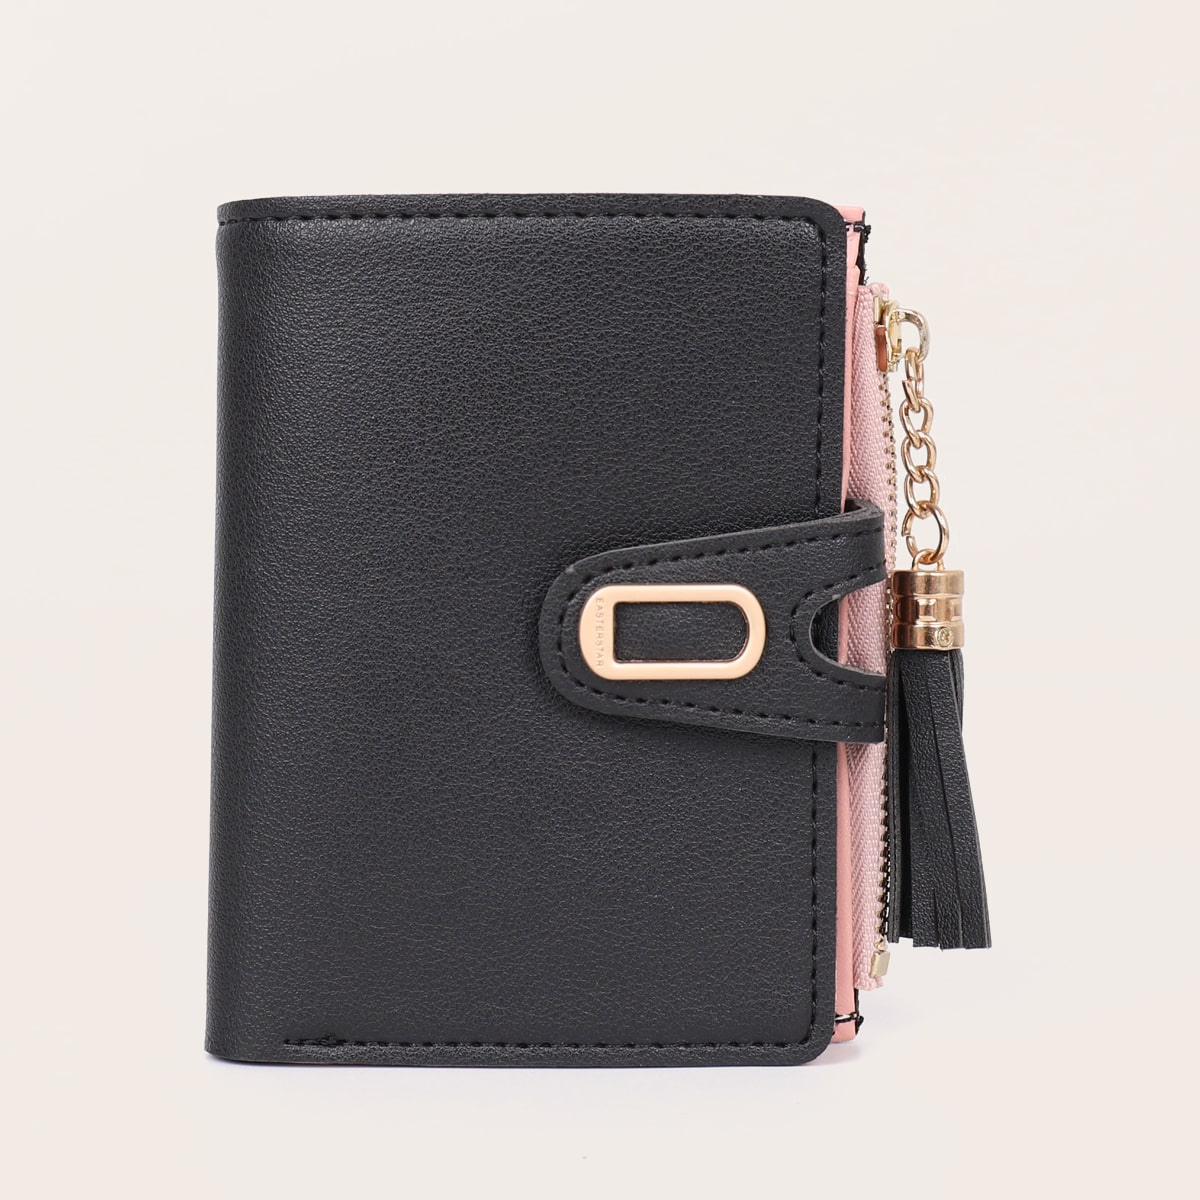 Brieftasche mit Quasten Dekor und Kartenhalter